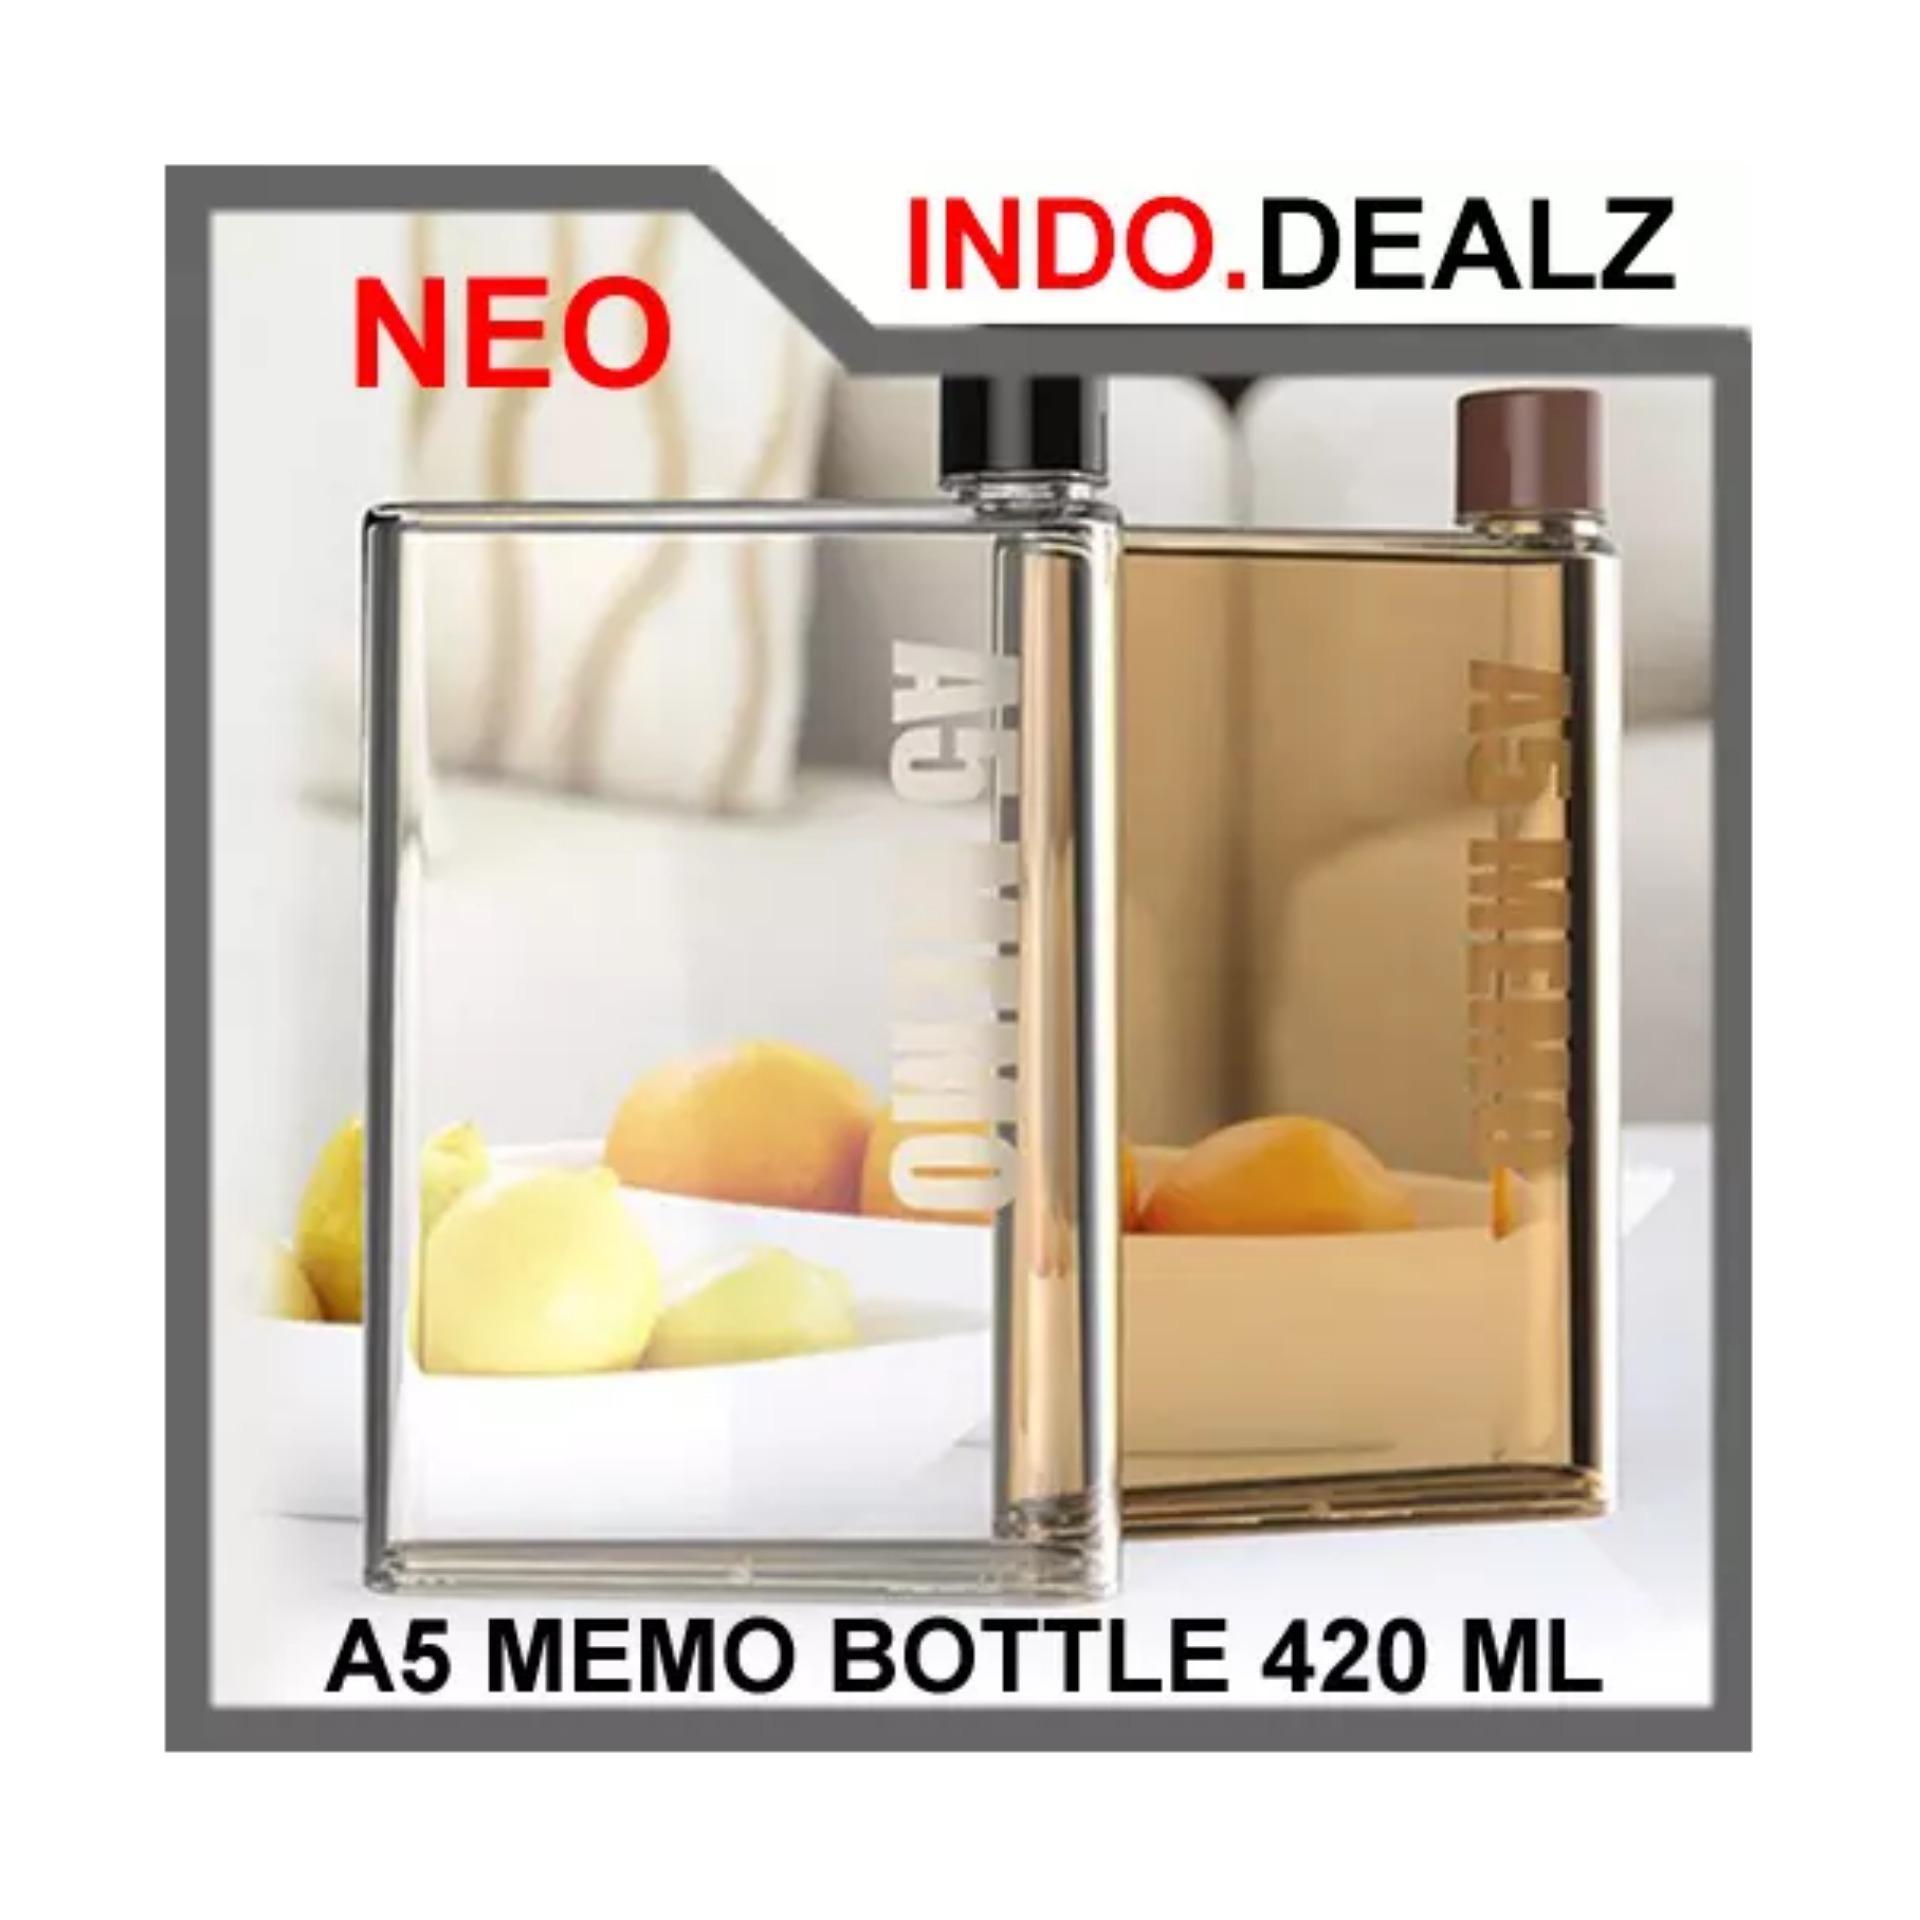 Neo Memo Bottle I Do Your Best Doff Botol Minum Plastikmemobottle A5 Soft Flat 420ml Plastik Memobottleidr110000 Rp 110000